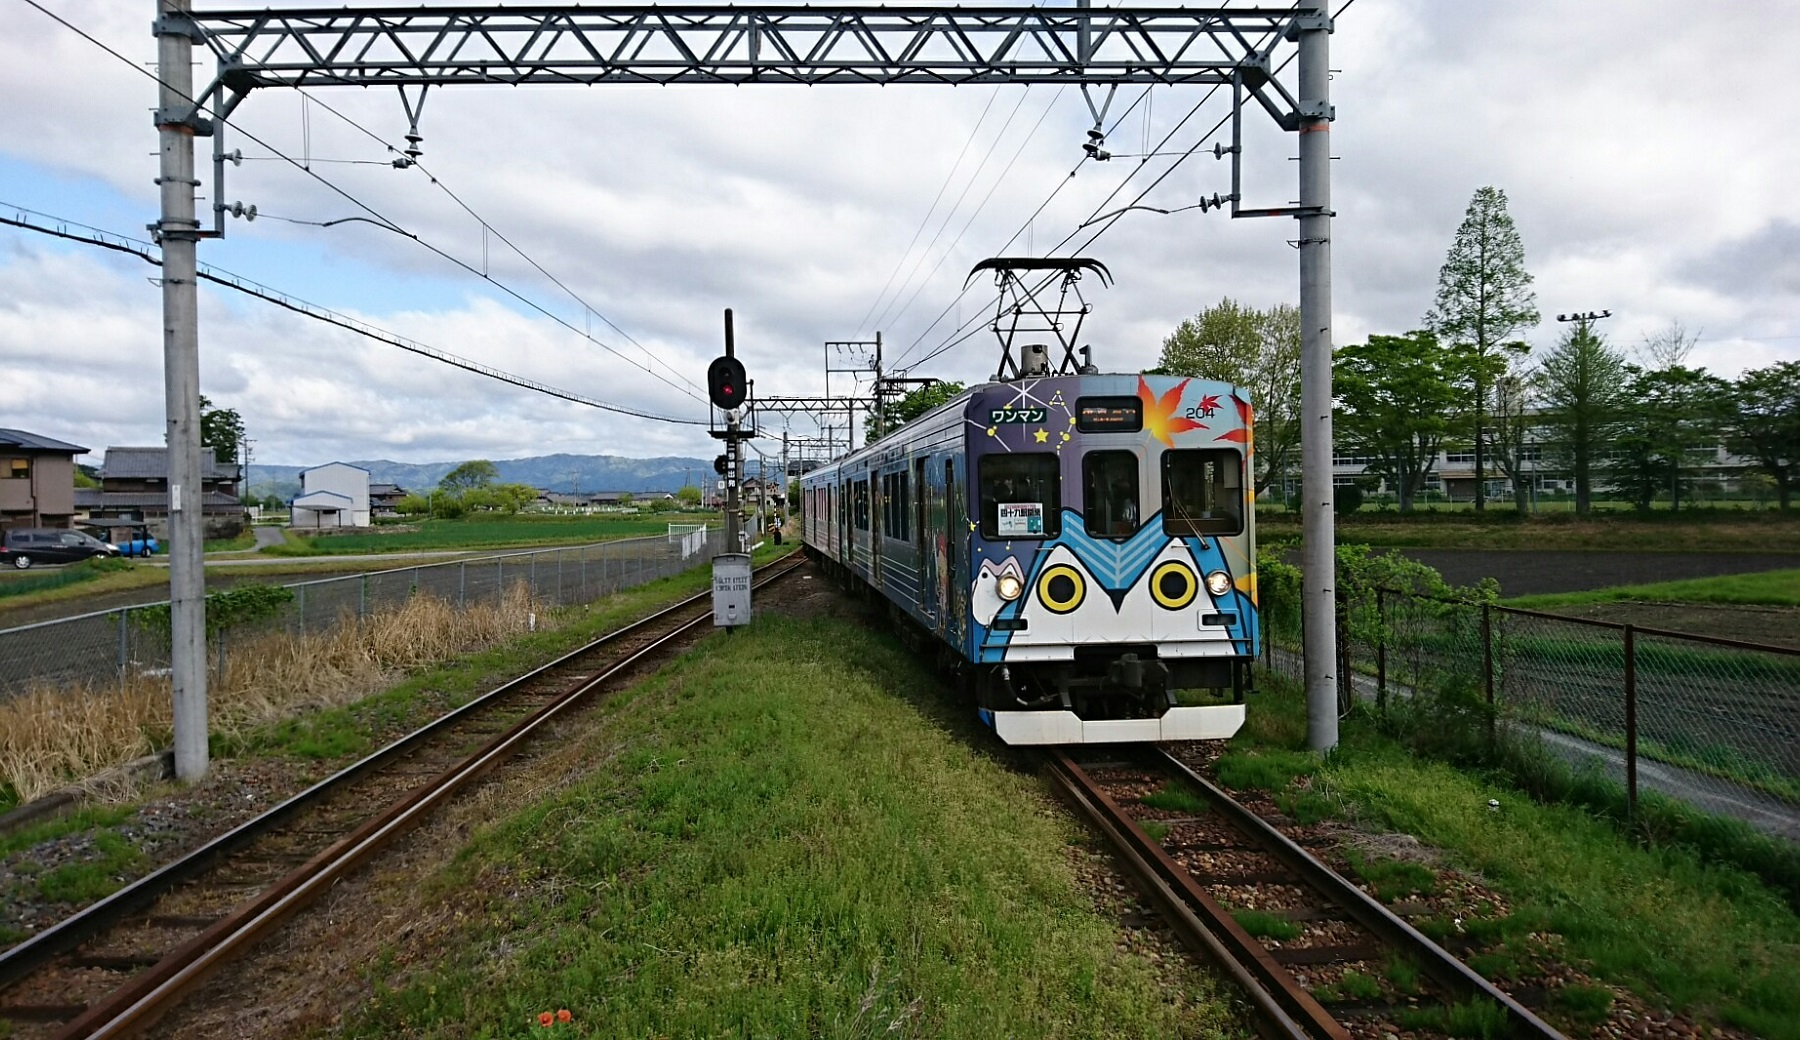 2018.4.26 上野 (28) 丸山 - 伊賀神戸いきふつう 1800-1040